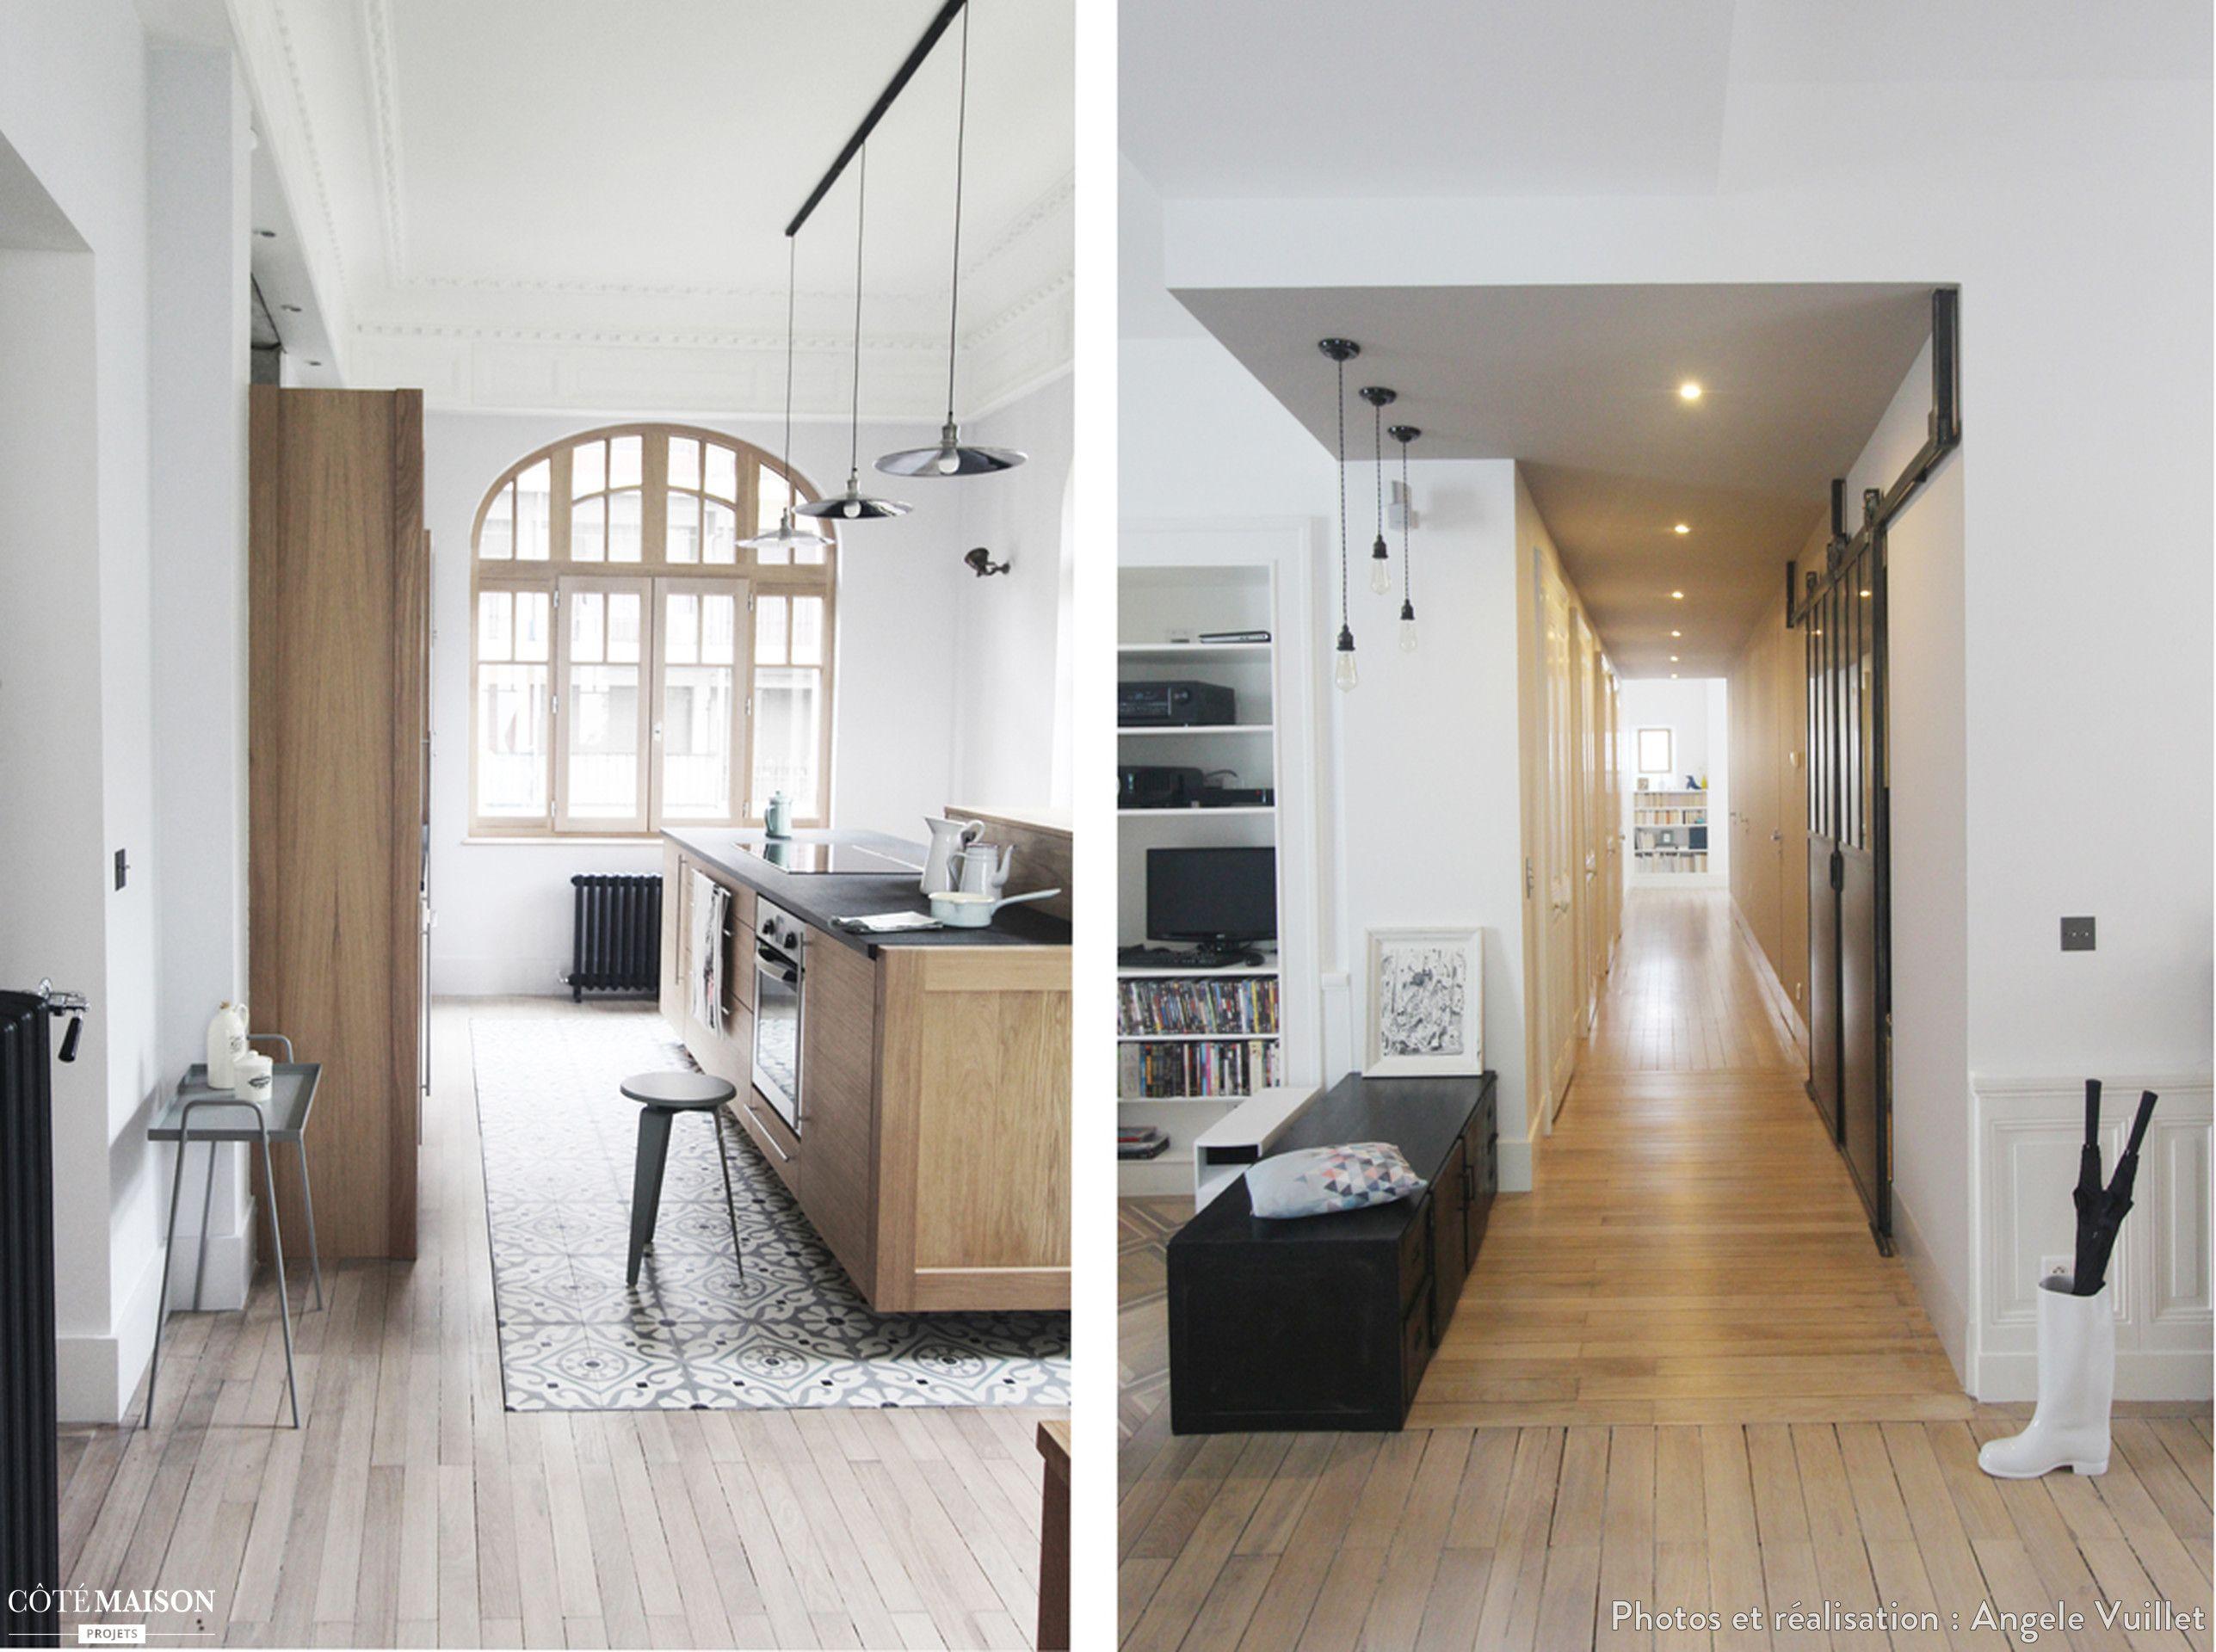 Renovation D 039 Un Appartement Angele Vuillet Cote Maison Maison